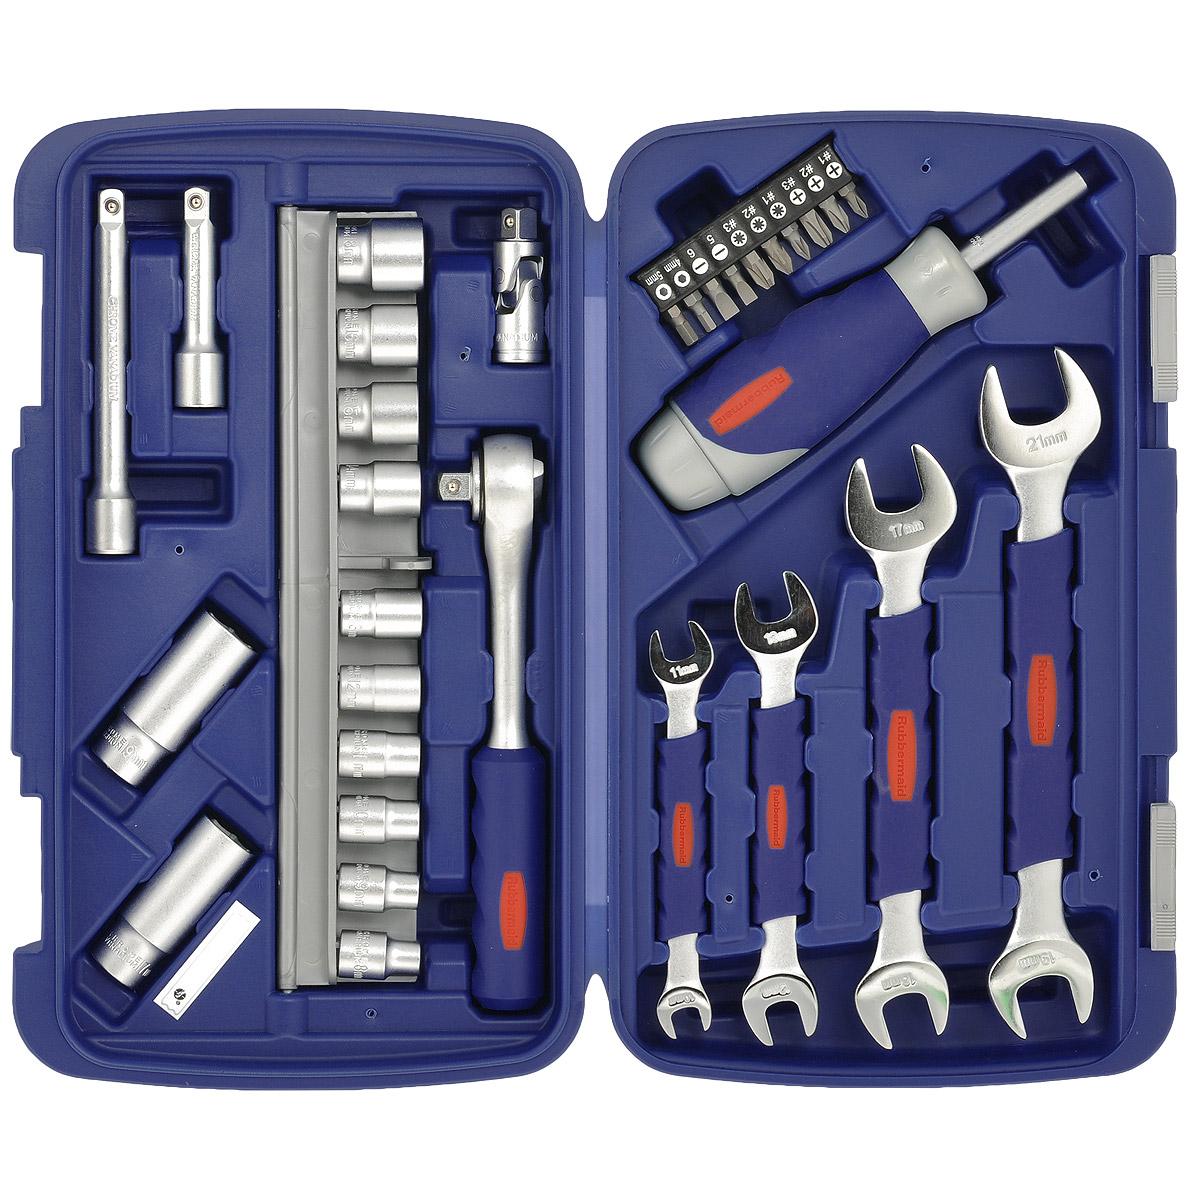 Набор инструментов RUBBERMAID, 31 предмет10504617Набор головок с трещоткой RUBBERMAID предназначен для монтажа и демонтажа резьбовых соединений. Наборподойдет как профессиональному механику, так и простому автолюбителю. Он поможет справиться с практическилюбым крепежом. Это необходимый предмет станет незаменимым в вашем хозяйстве. В состав набора входит: головки торцевые: 8 мм, 9 мм, 10 мм, 11 мм, 12 мм, 13 мм, 14 мм, 15 мм, 16 мм, 17 мм, 18 см, 19 мм; трещотка; удлинитель: 76 мм, 127 мм; ключи рожковые: 10 мм х 11 мм, 12 мм х 13 мм, 16 мм х 17 мм, 19 мм х 21 мм; вороток отвертка; биты крестовые: PZ1, PZ2, PZ3, PH1, PH2, PH3; биты плоские: 5 мм, 6 мм; биты шестигранные: 4 мм, 5 мм; кейс.